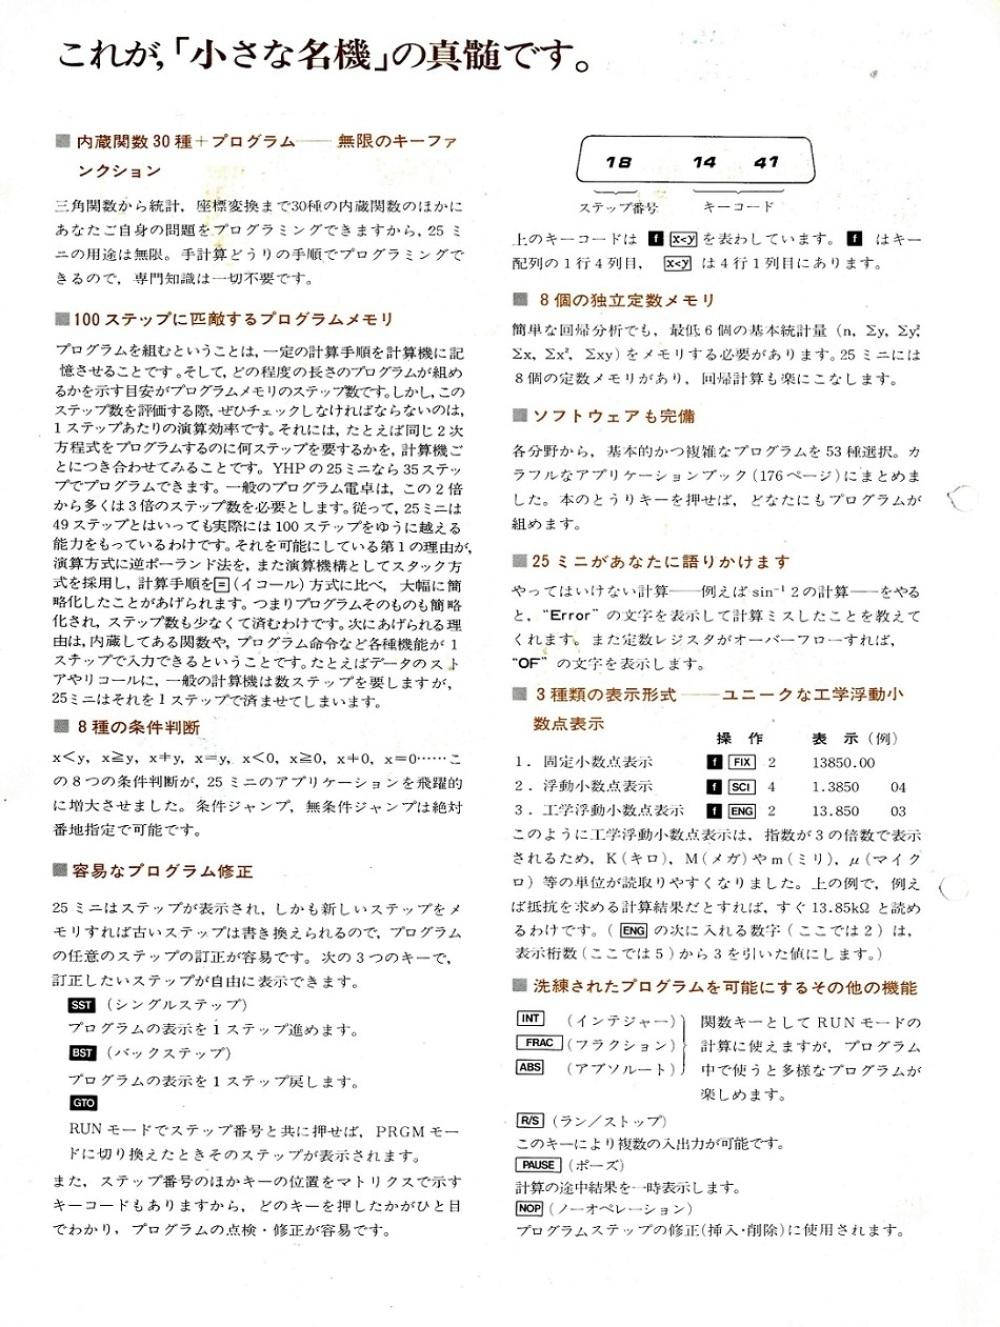 お宝古文書 ( HP25カタログ No3 )_c0335218_19165818.jpg